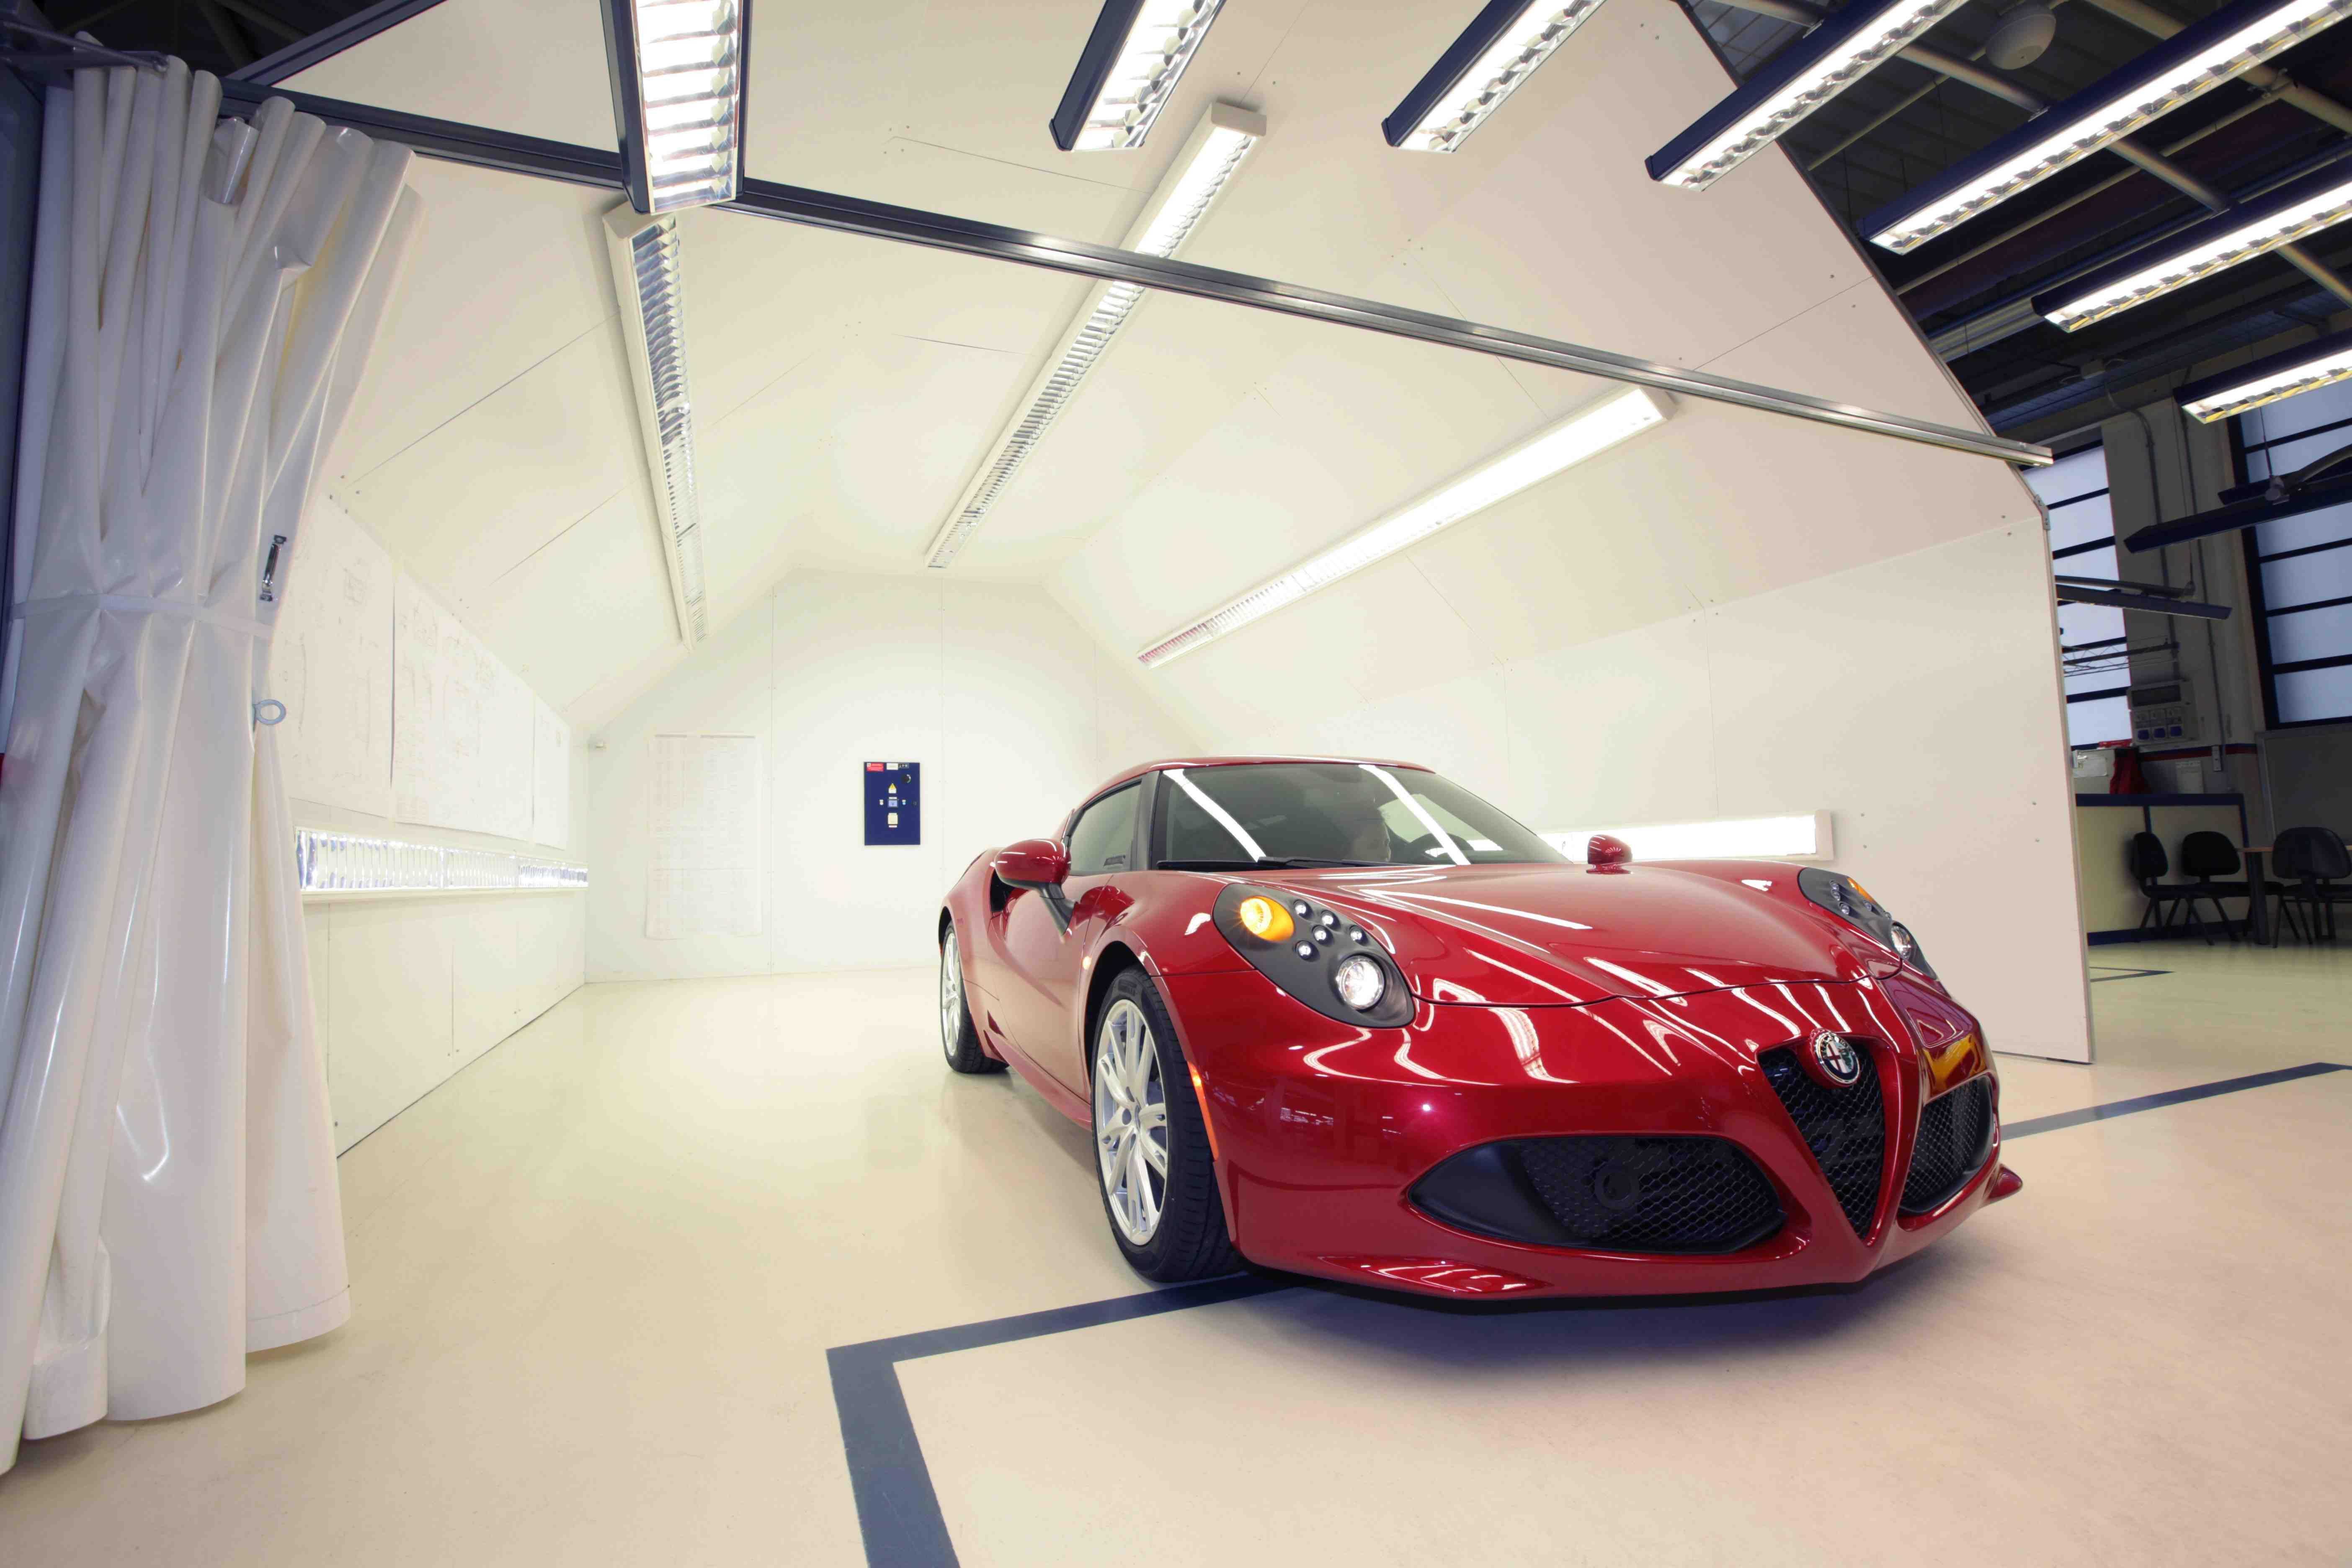 L'Alfa Romeo 4C nasce a Modena negli stabilimenti Maserati. Ecco alcune fasi della lavorazione e altri scatti della supercar negli Stati Uniti